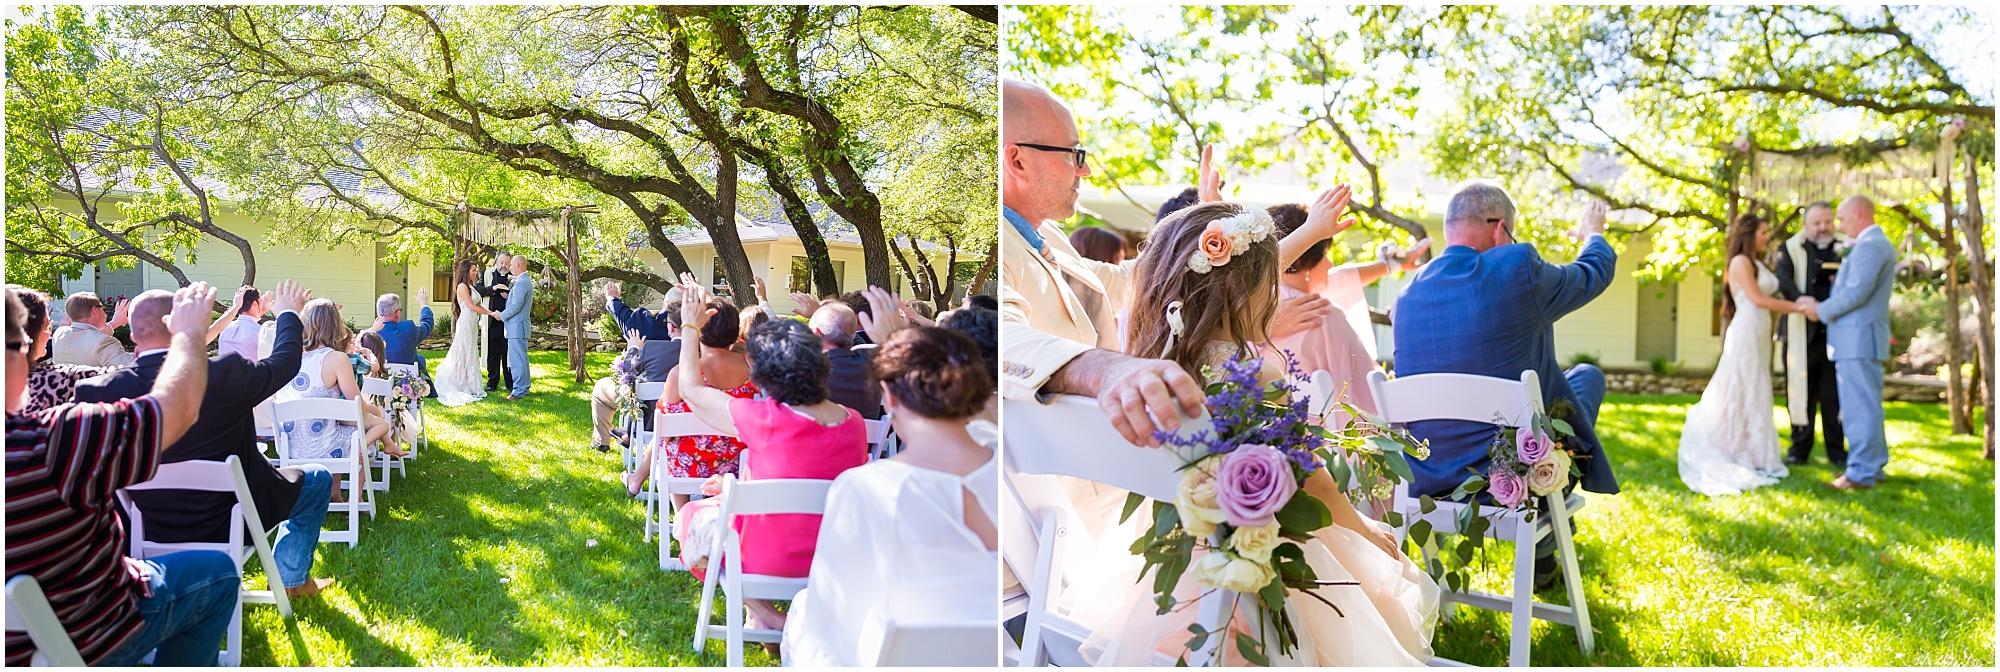 Bohemian-Garden-Wedding_0028.jpg